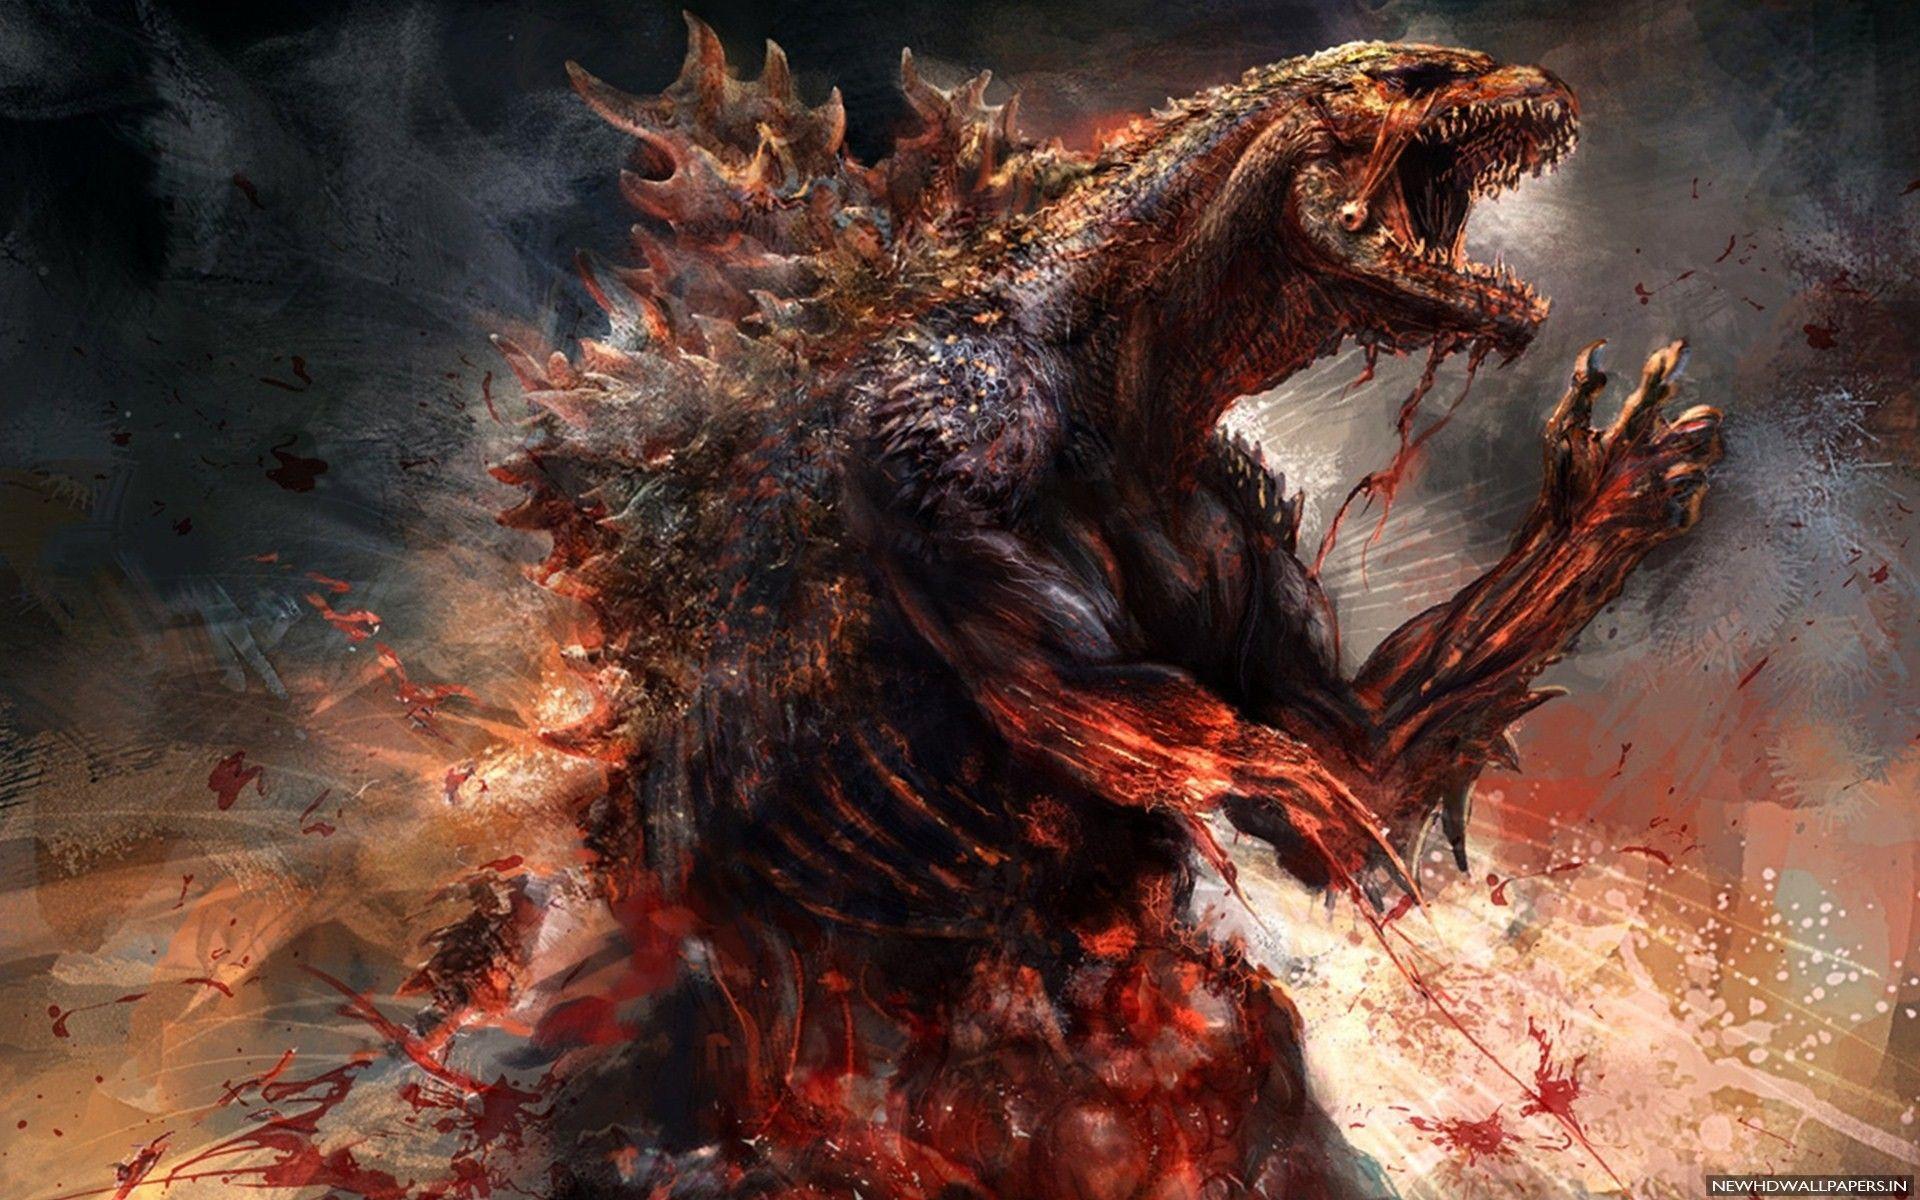 1920x1200 Godzilla Poster hình nền - Hình nền HD mới